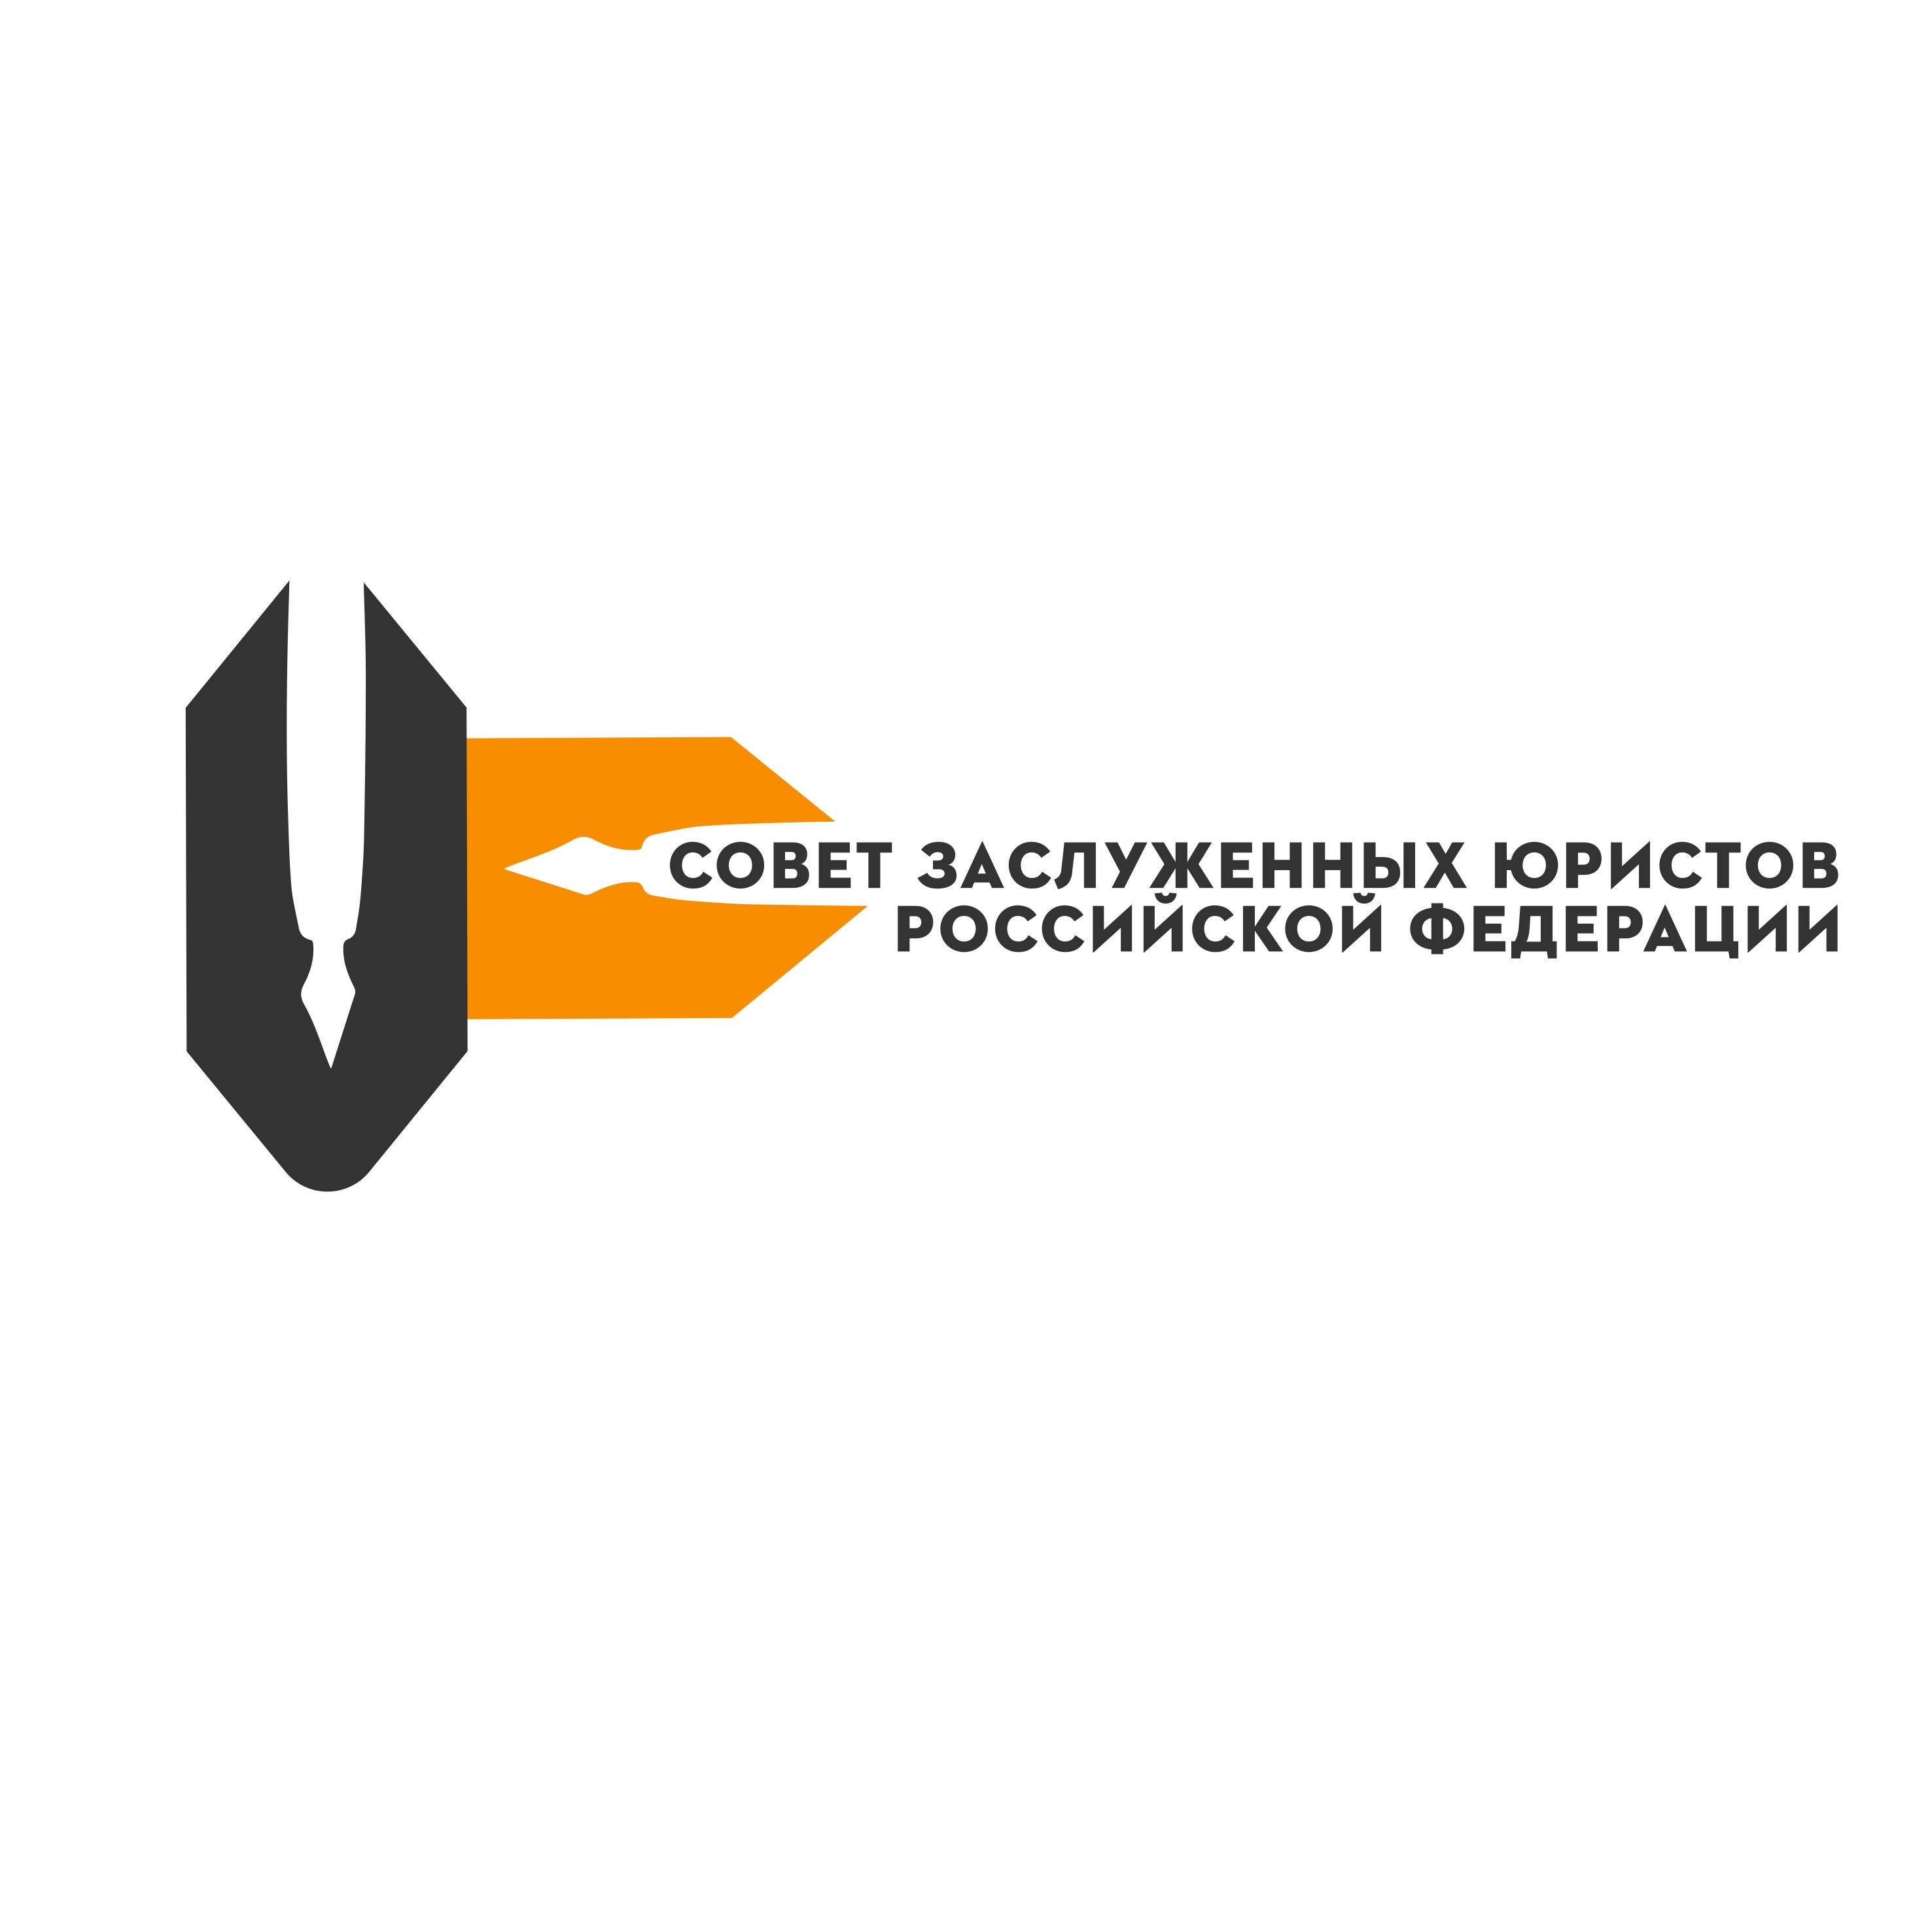 Разработка логотипа Совета (Клуба) заслуженных юристов Российской Федерации фото f_4345e4af3368939f.jpg